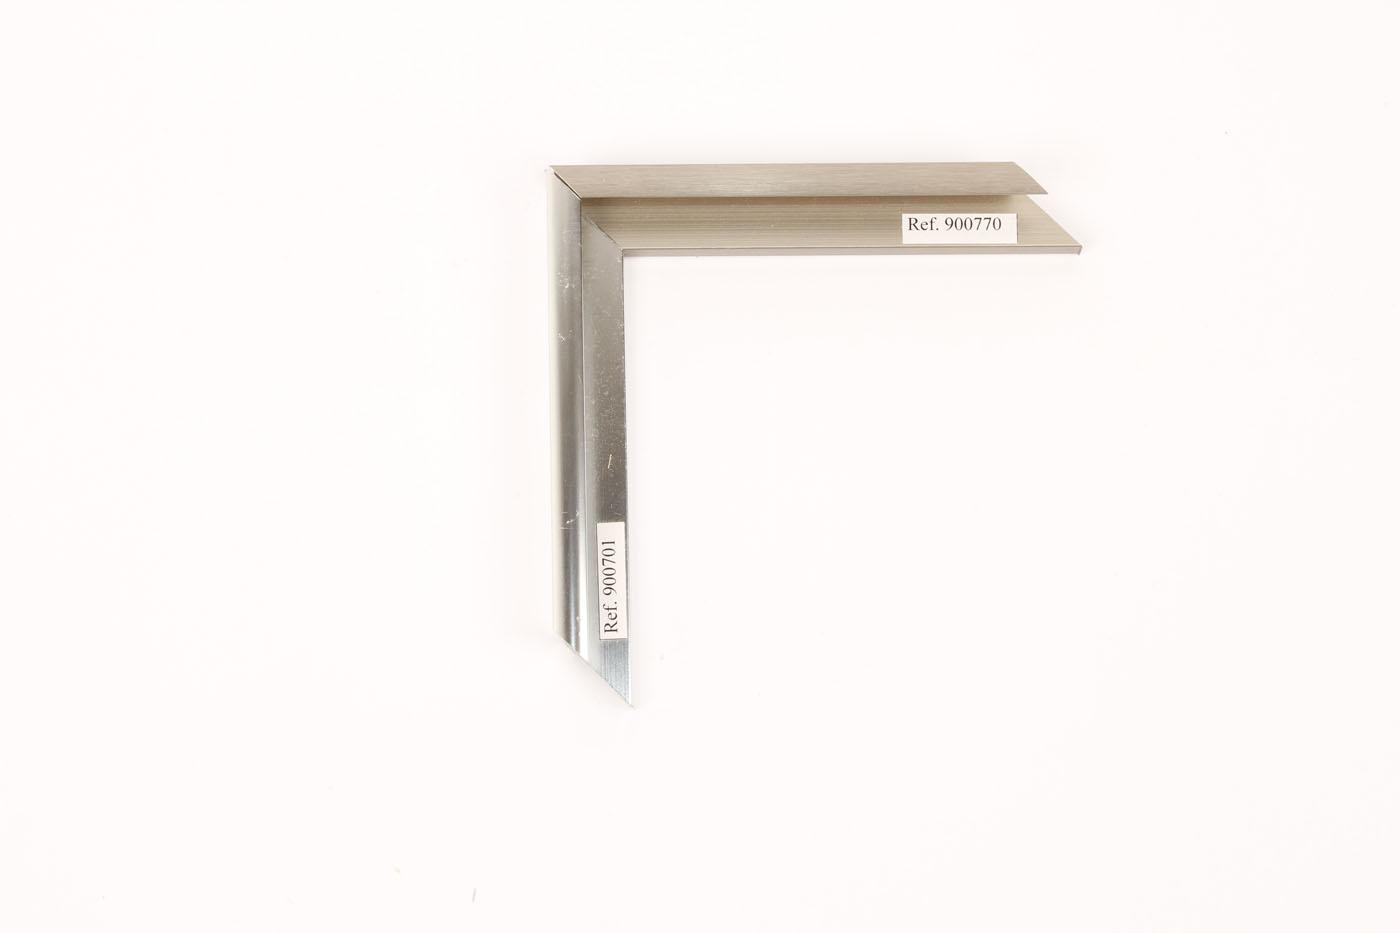 900-701-PLATA BRILLO-y-900-770-PLATA VIEJA-ancho1cm